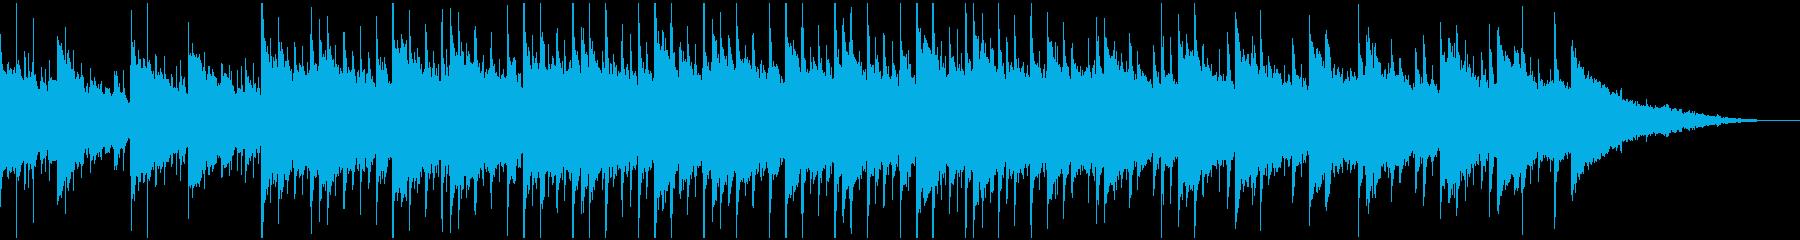 60秒,企業VP9,コーポレート,爽やかの再生済みの波形